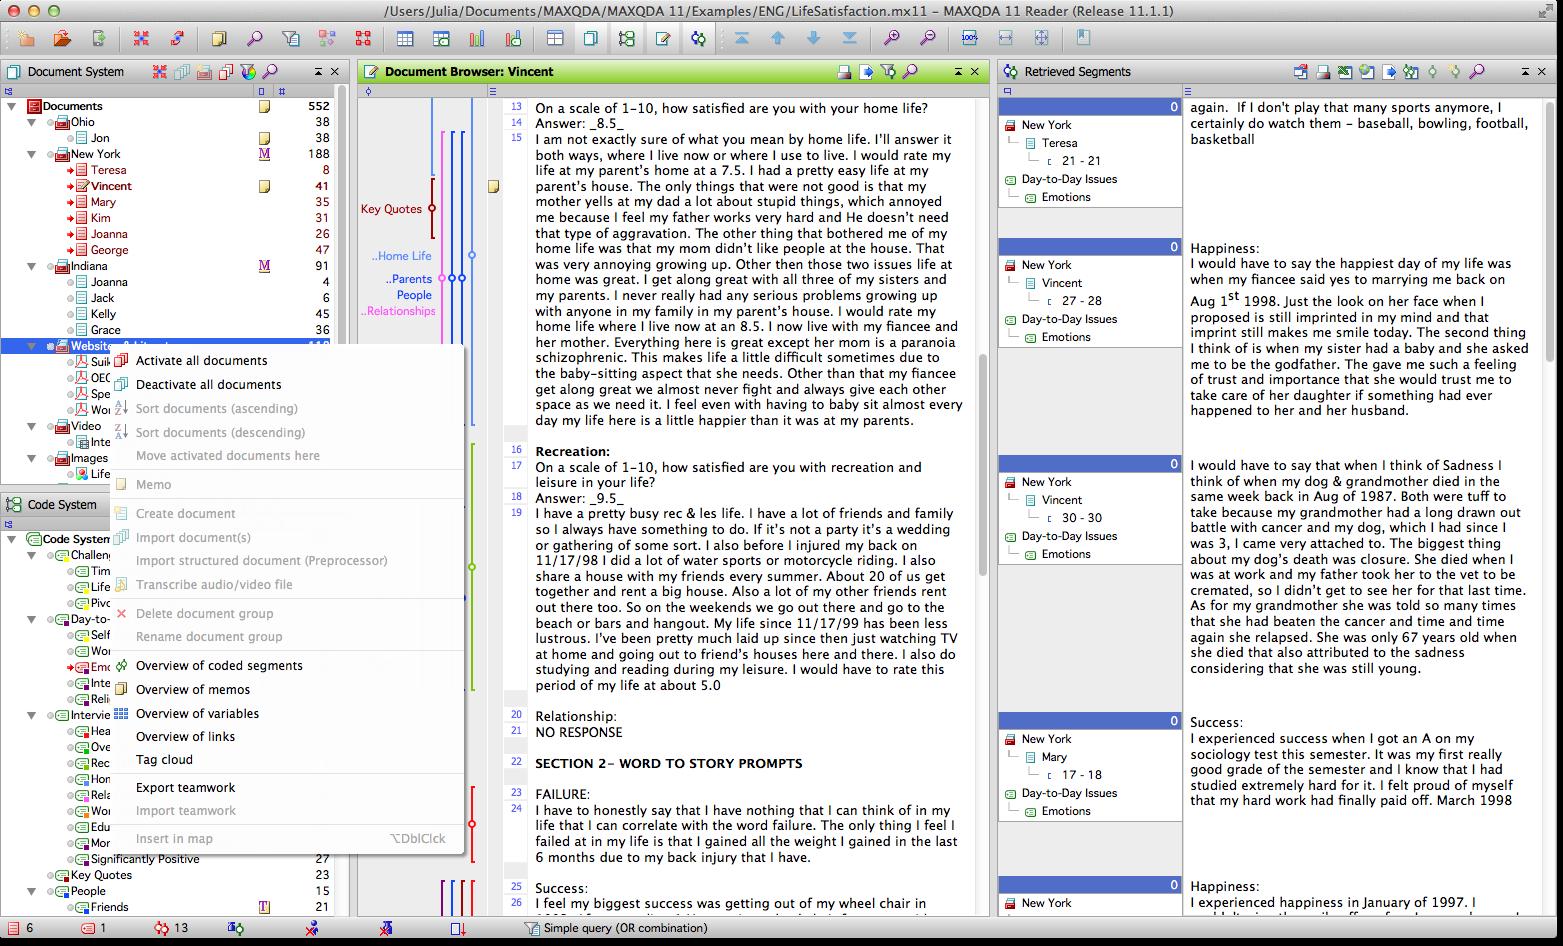 Free MAXQDA Reader for Mac